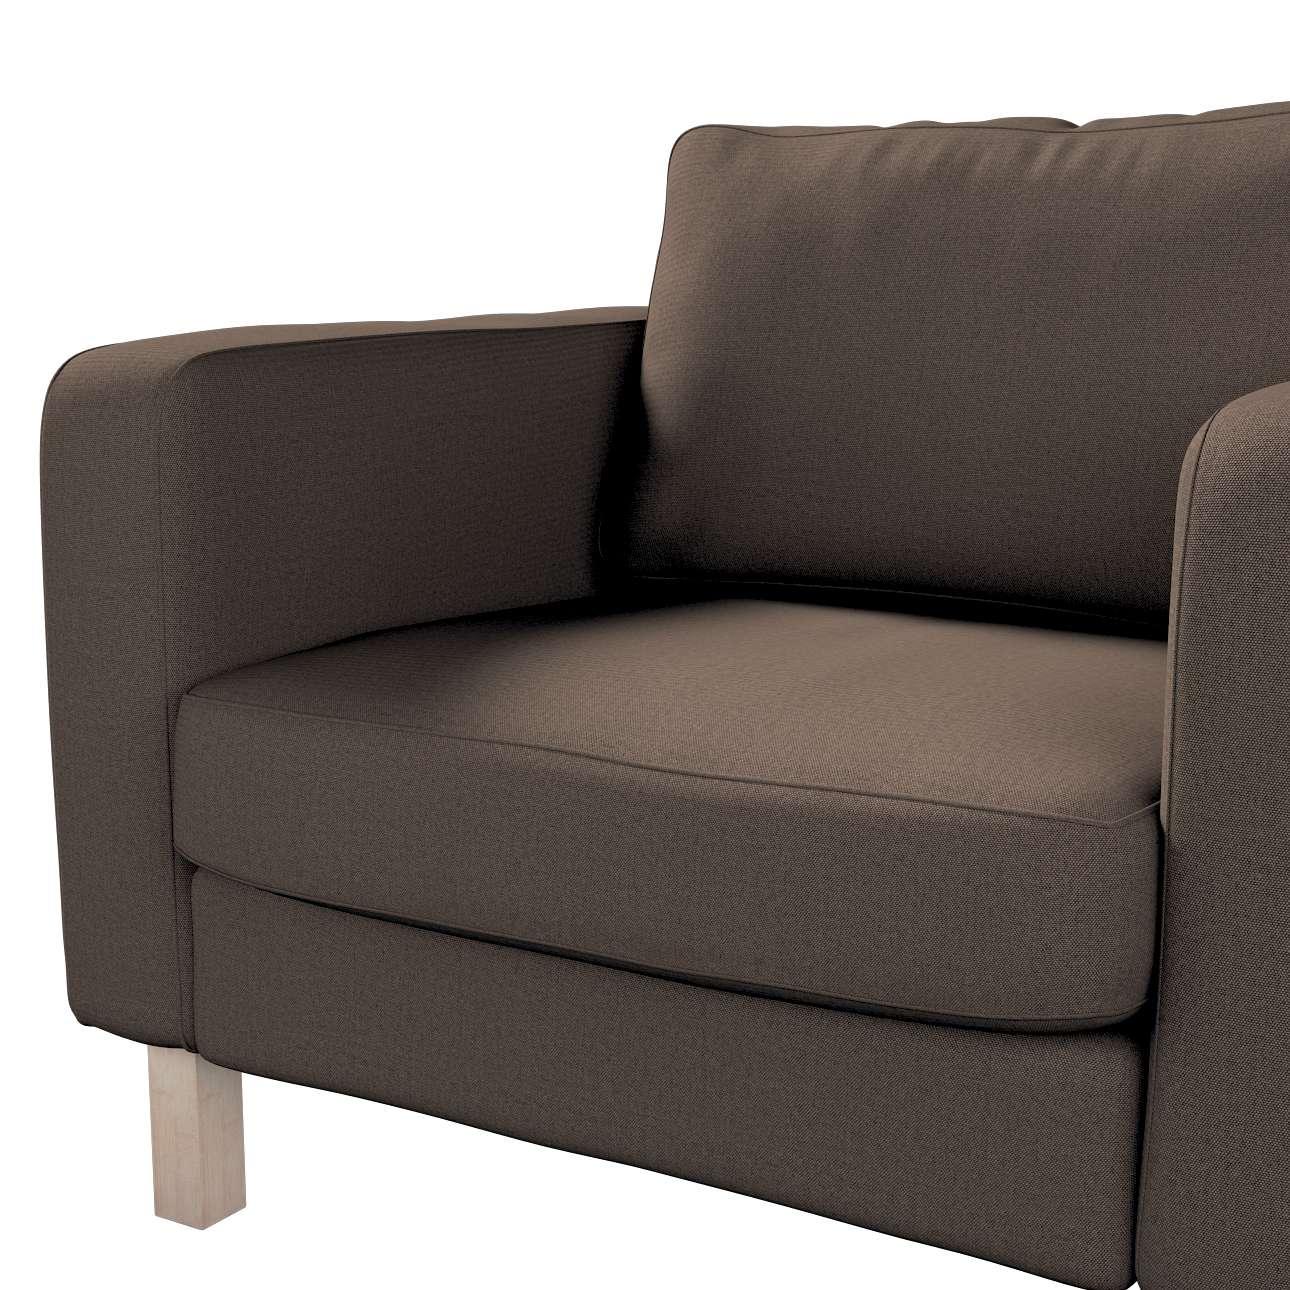 Karlstad päällinen nojatuoli mallistosta Etna - ei verhoihin, Kangas: 705-08